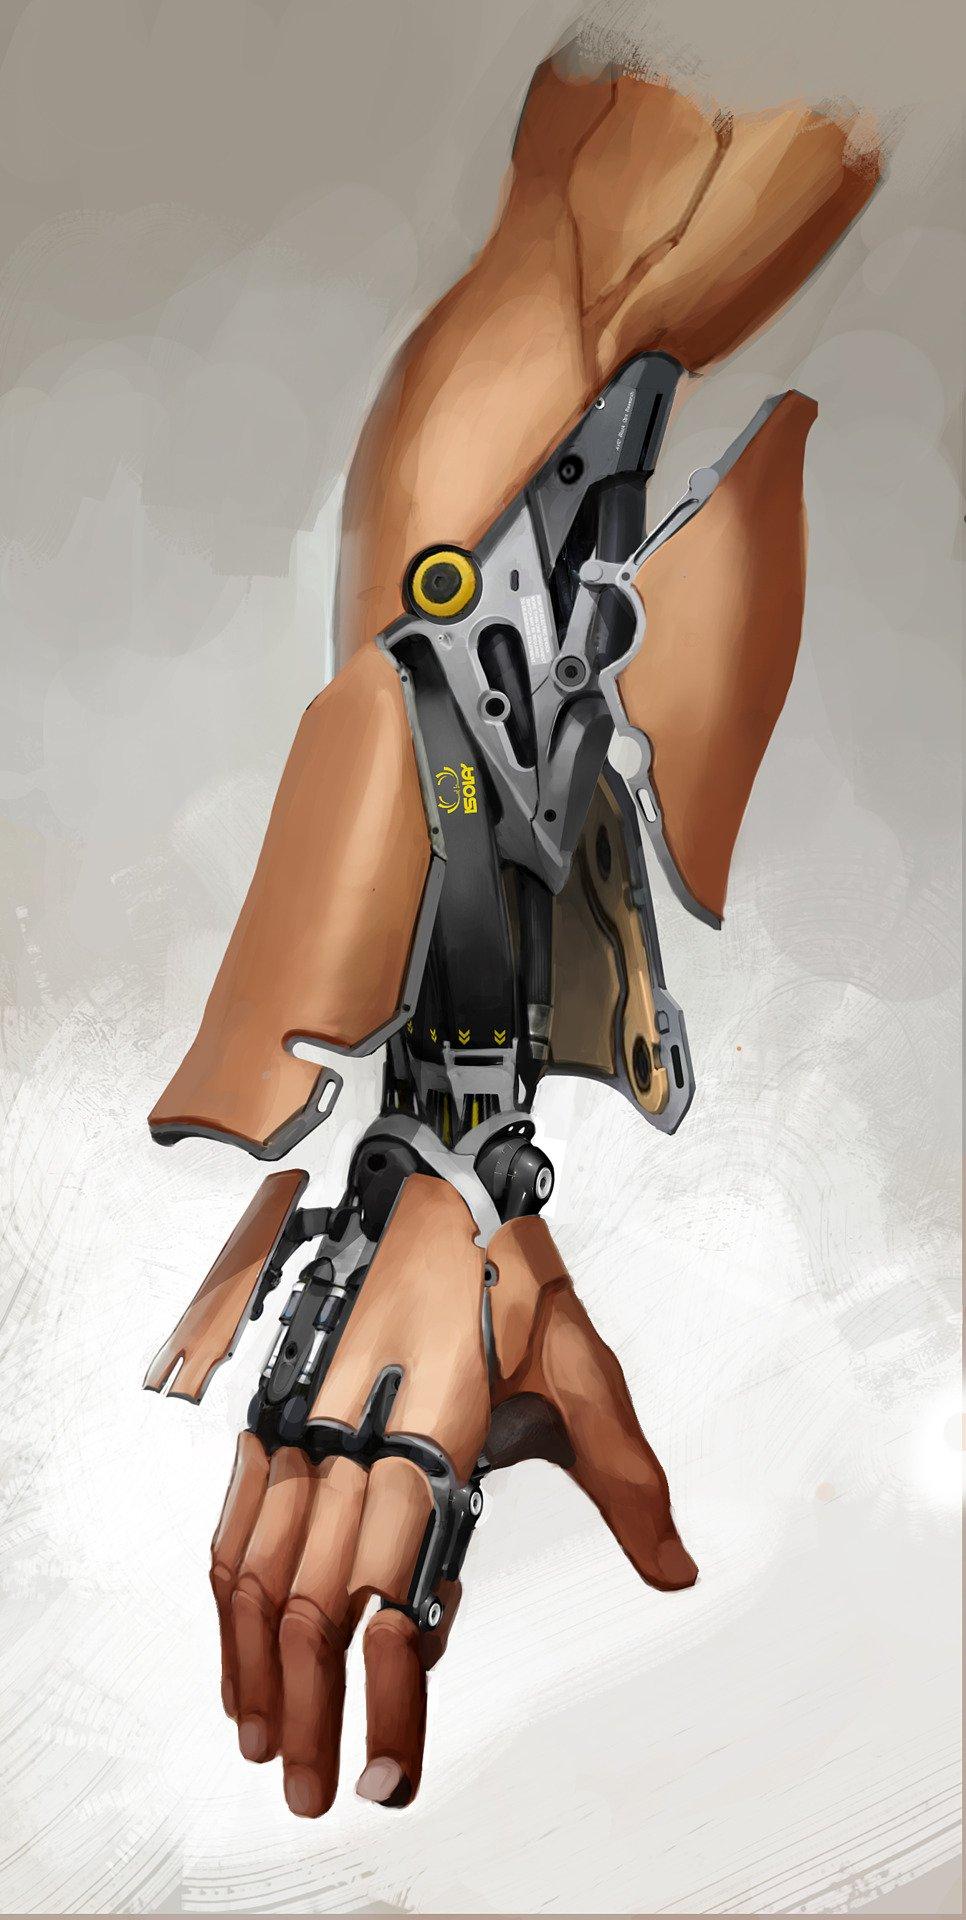 Подборка арта и гифок Deus Ex: Mankind Divided - Изображение 3